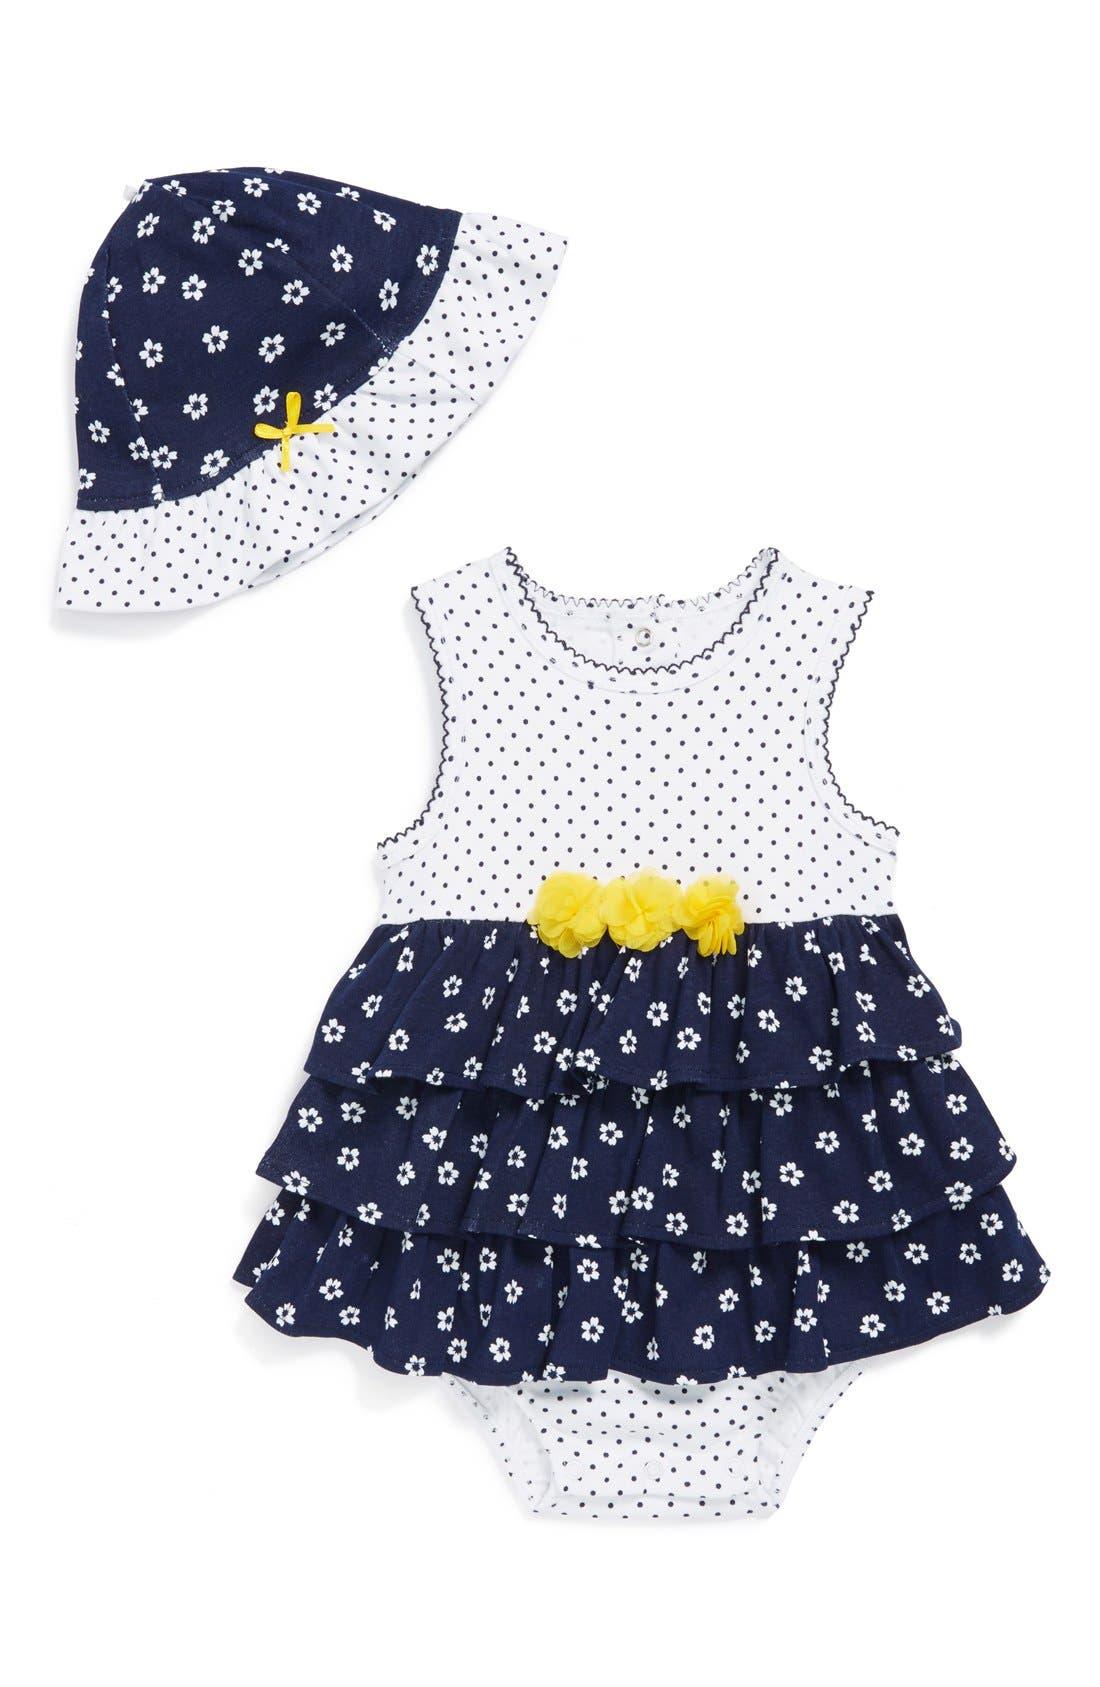 Alternate Image 1 Selected - Little Me 'Flower Popover' Bodysuit & Hat (Baby Girls)